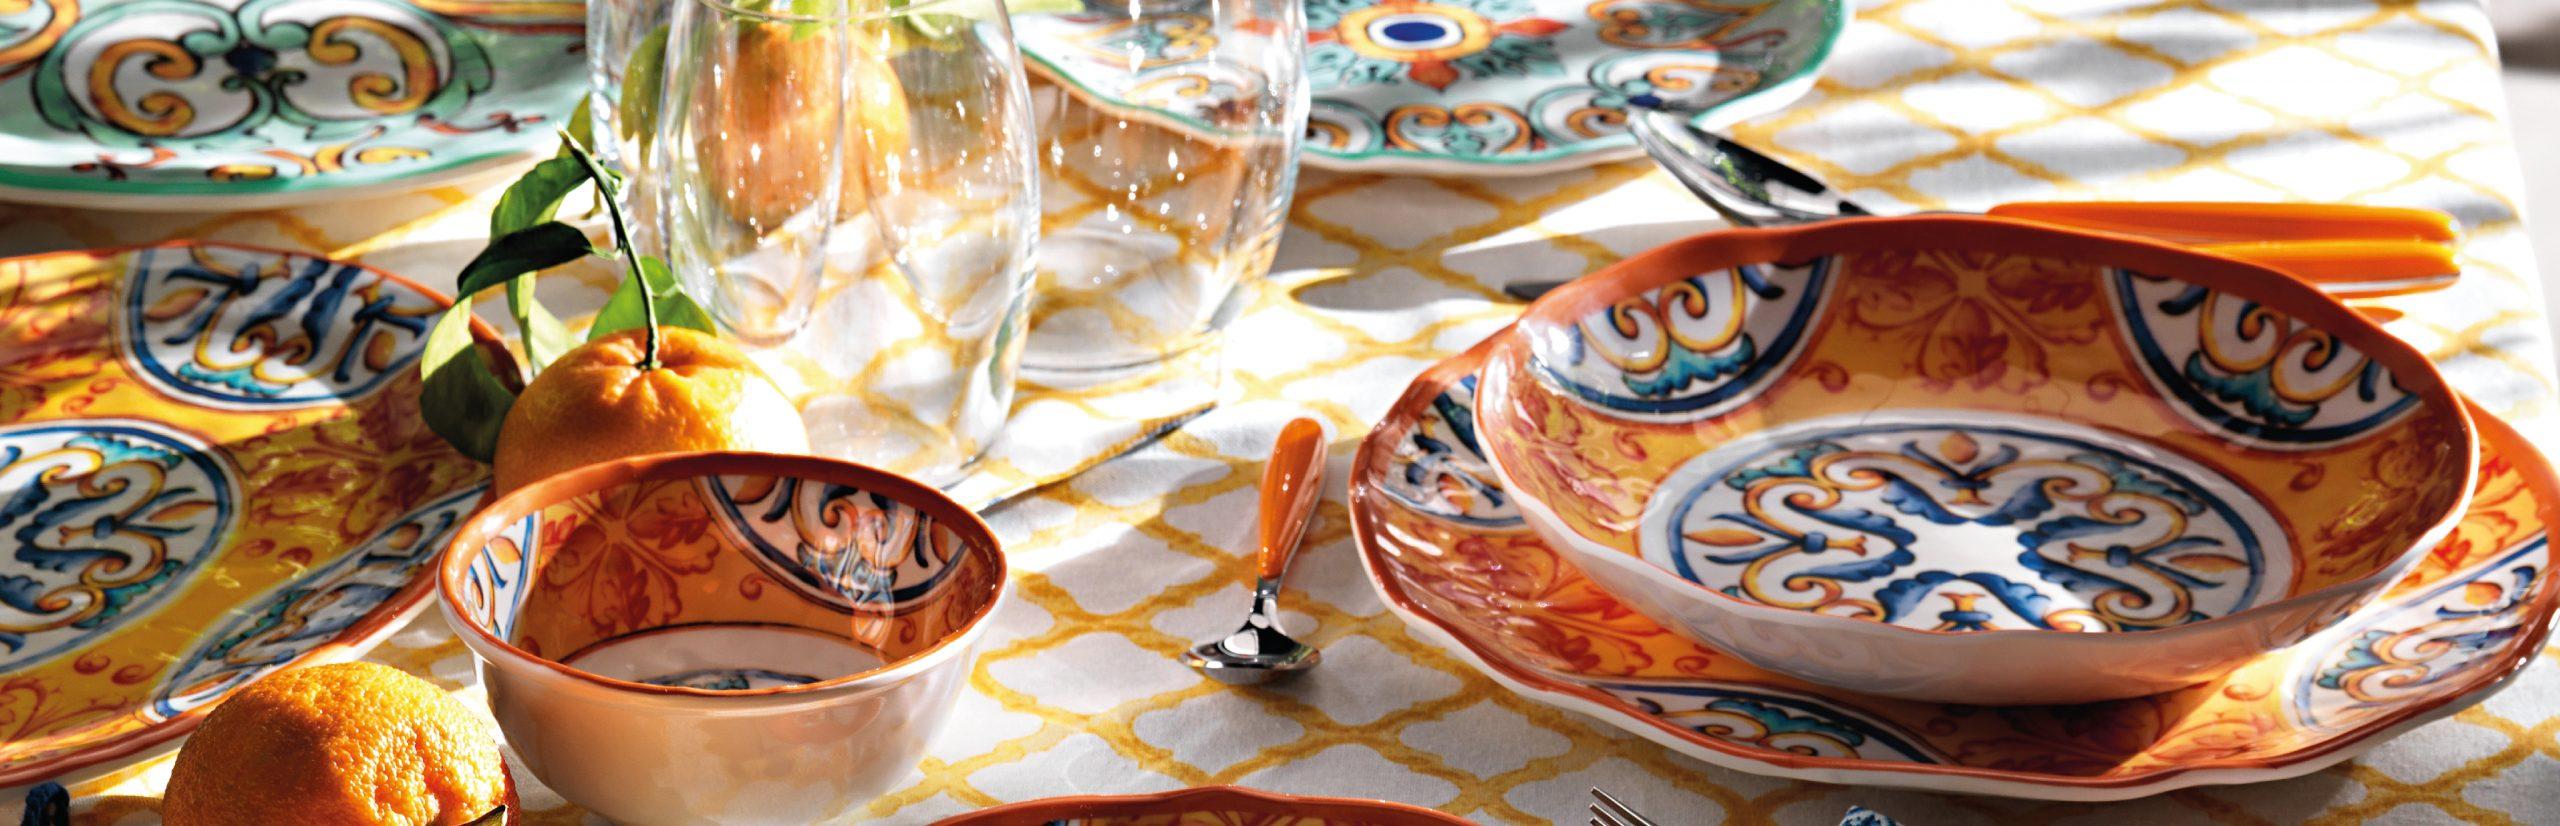 Apparecchiare Tavola In Terrazza vesti la tua tavola con i decori e il design dei piatti in